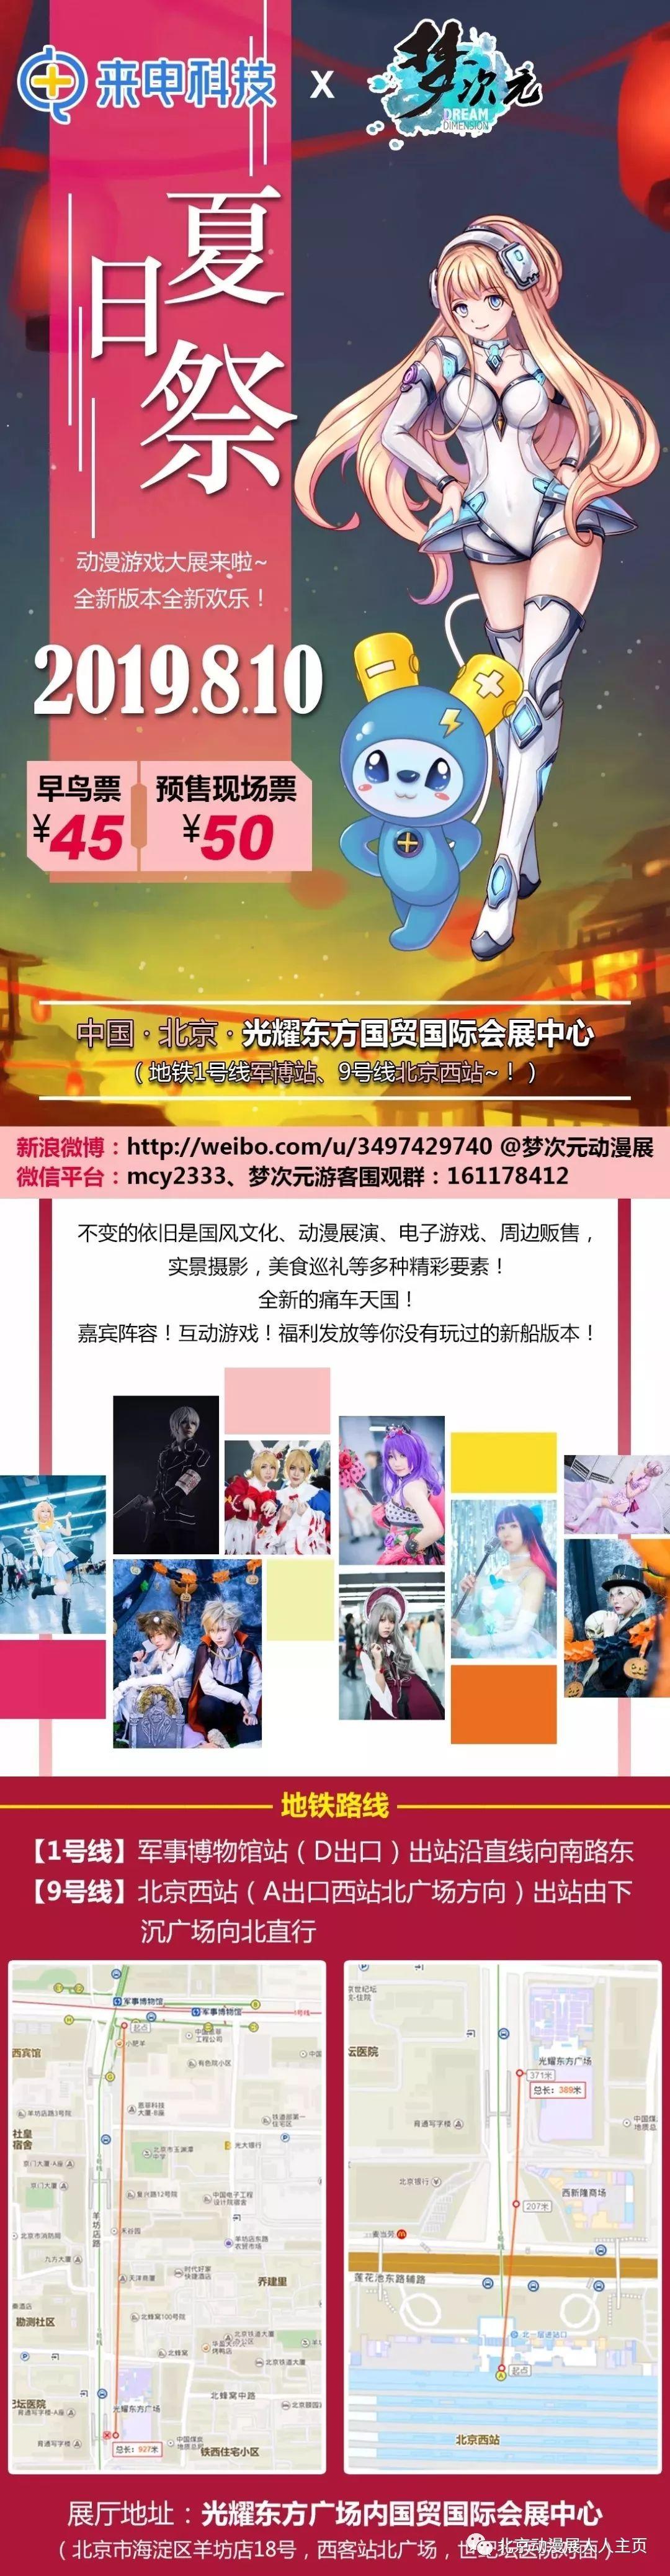 【本周漫展】8.10 来电X梦次元夏日祭